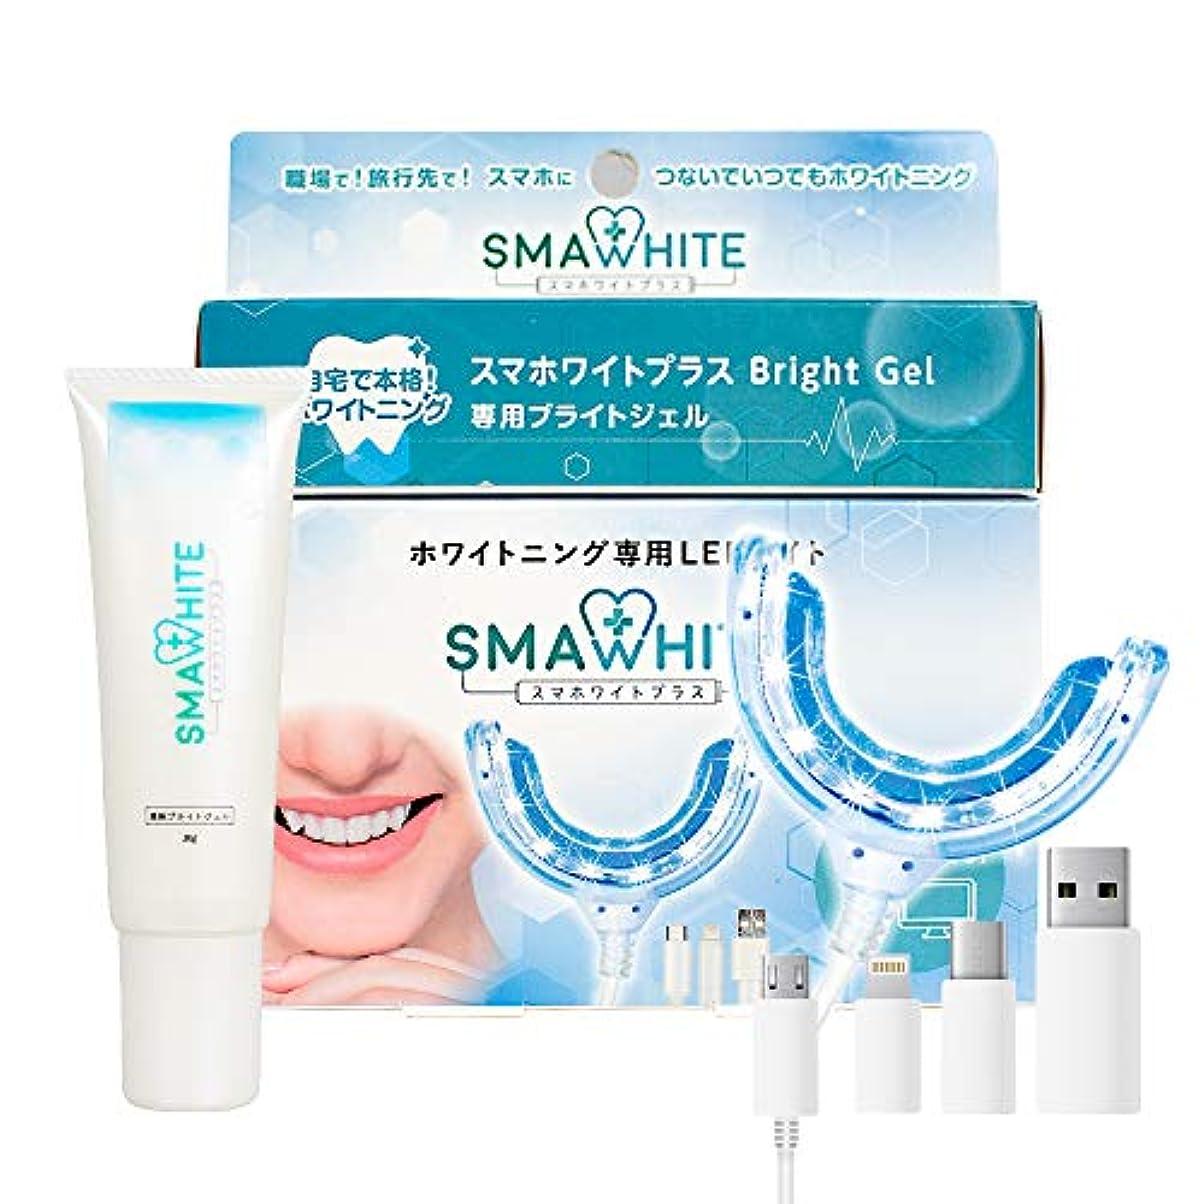 失礼なバッグ免除するスマホワイトプラス(SMAWHITE+) ホワイトニングキット LEDマウスピース+専用ジェル 初めての方向けセット 自宅で簡単 歯のセルフホワイトニング [一般医療機器]